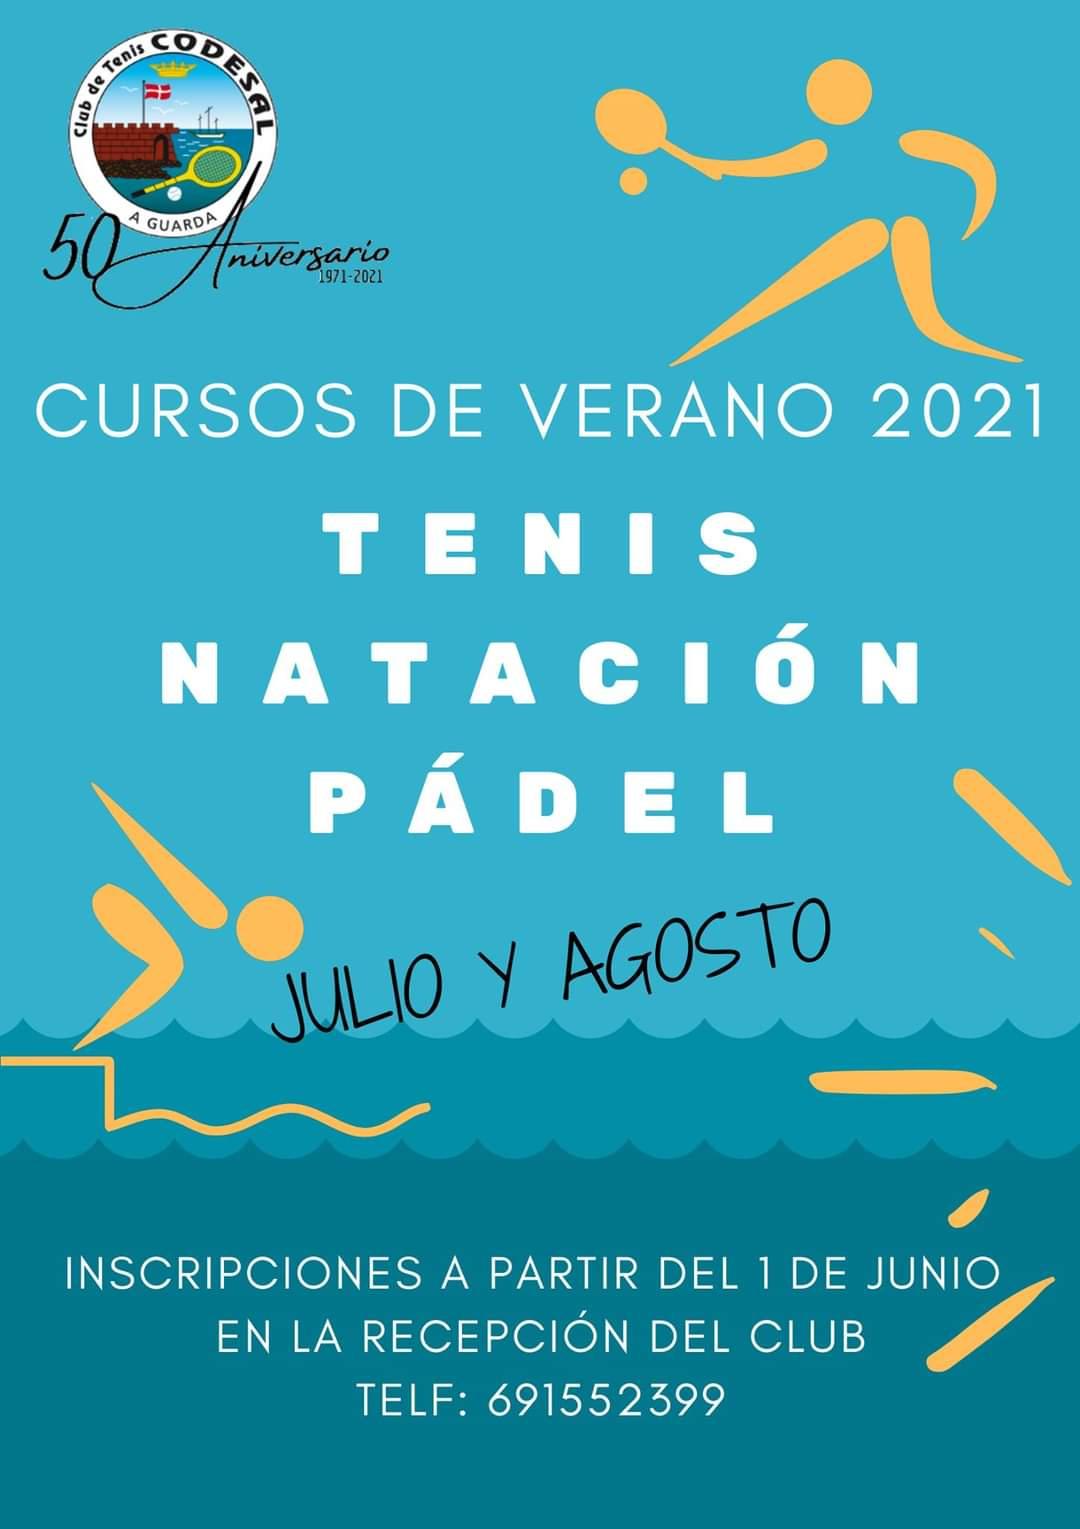 Cursos de verano 2021 de Tenis, Natación y Pádel